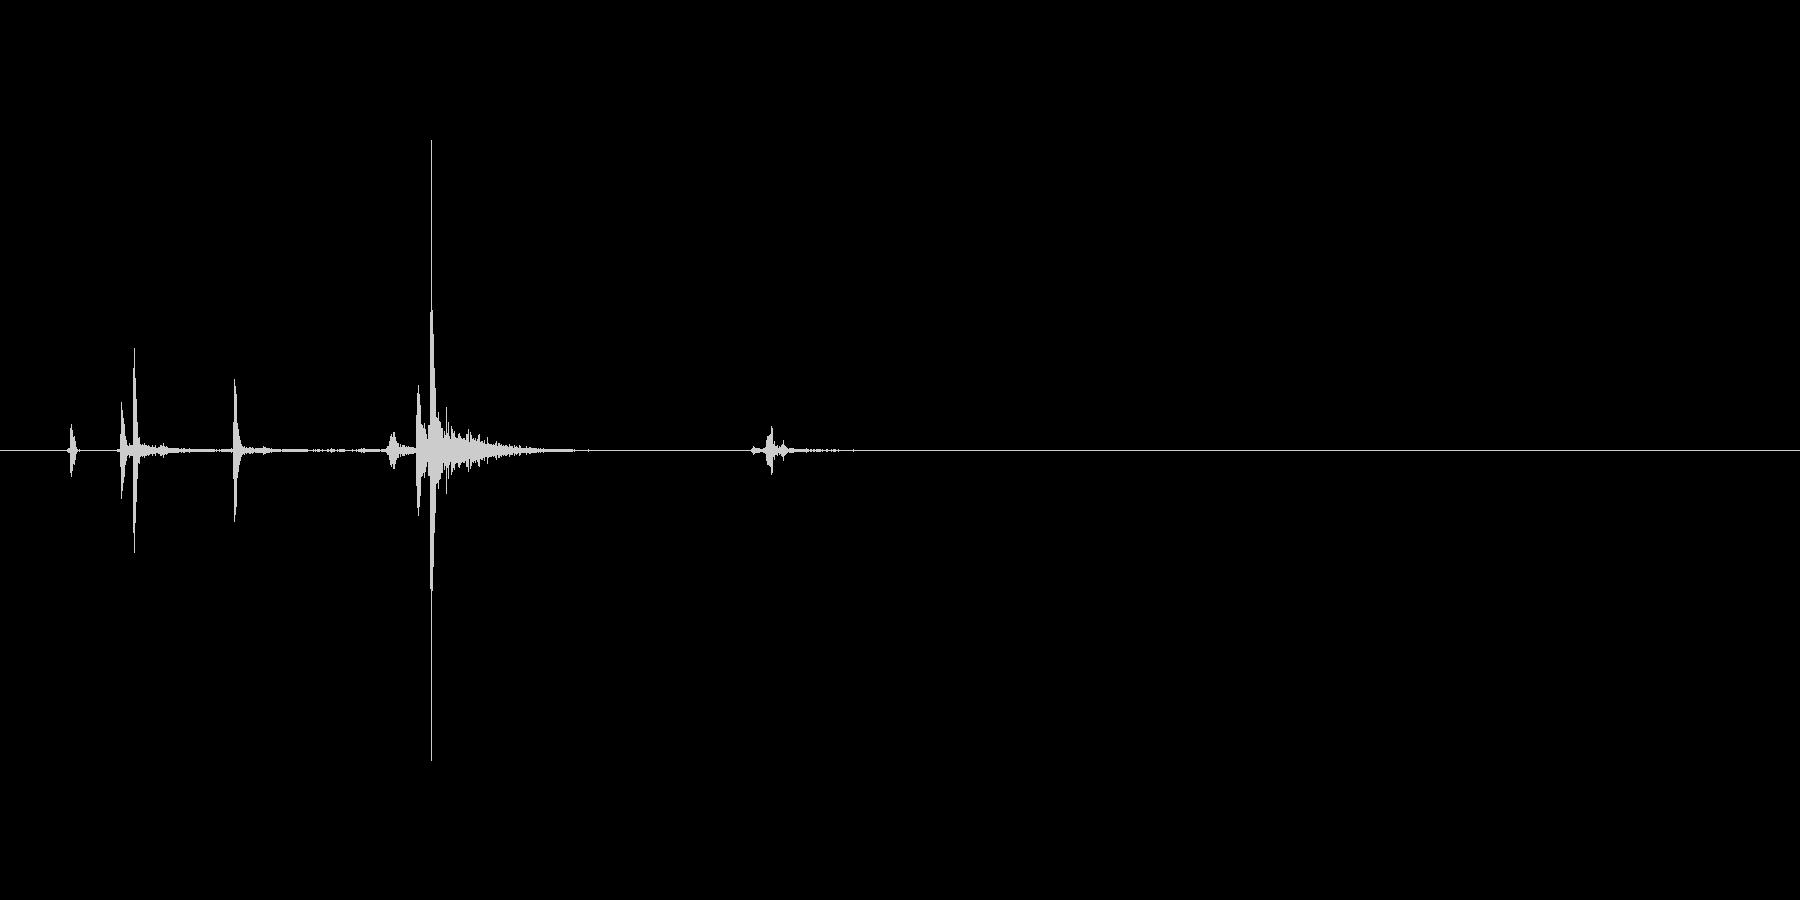 ハンドガン、マグナムタイプ。ハンマーを…の未再生の波形